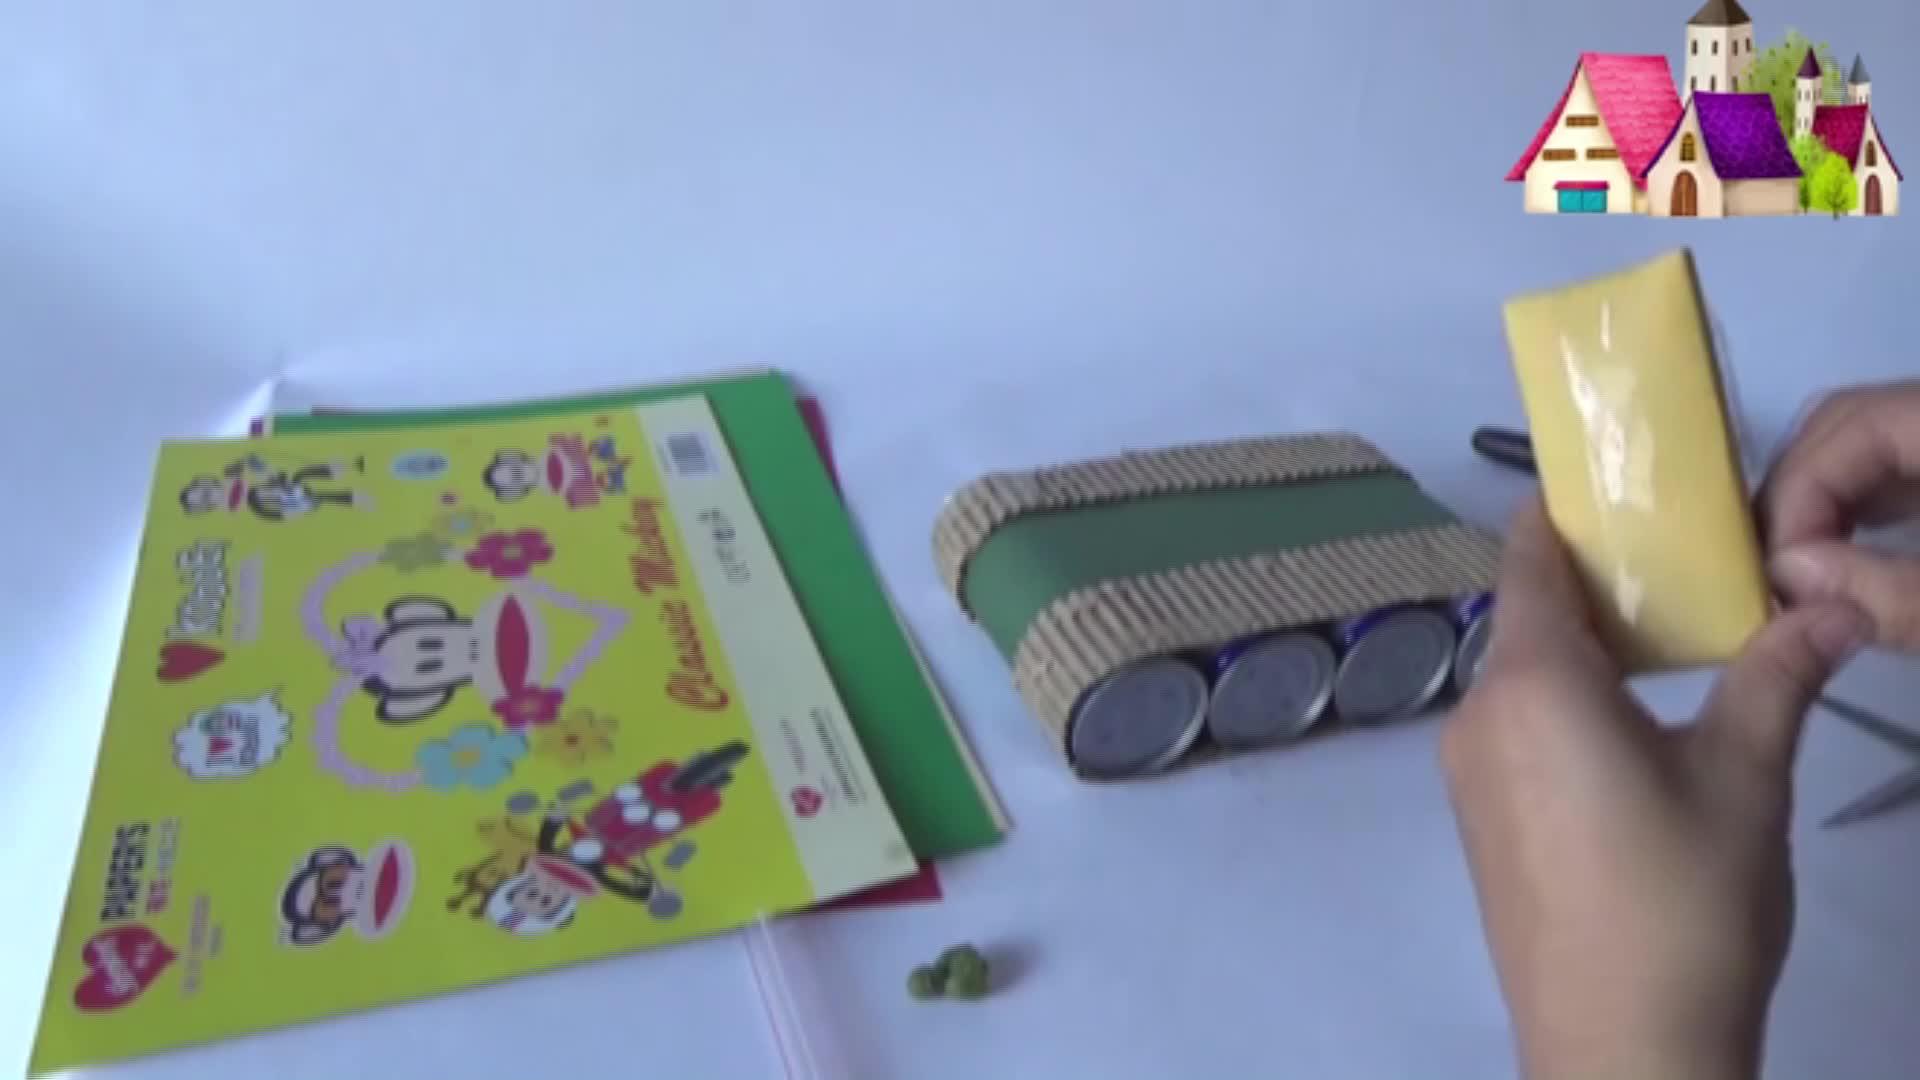 儿童玩具手工制作坦克车,用卡纸制作手工-小猪佩奇玩具乐园-艾琳的.